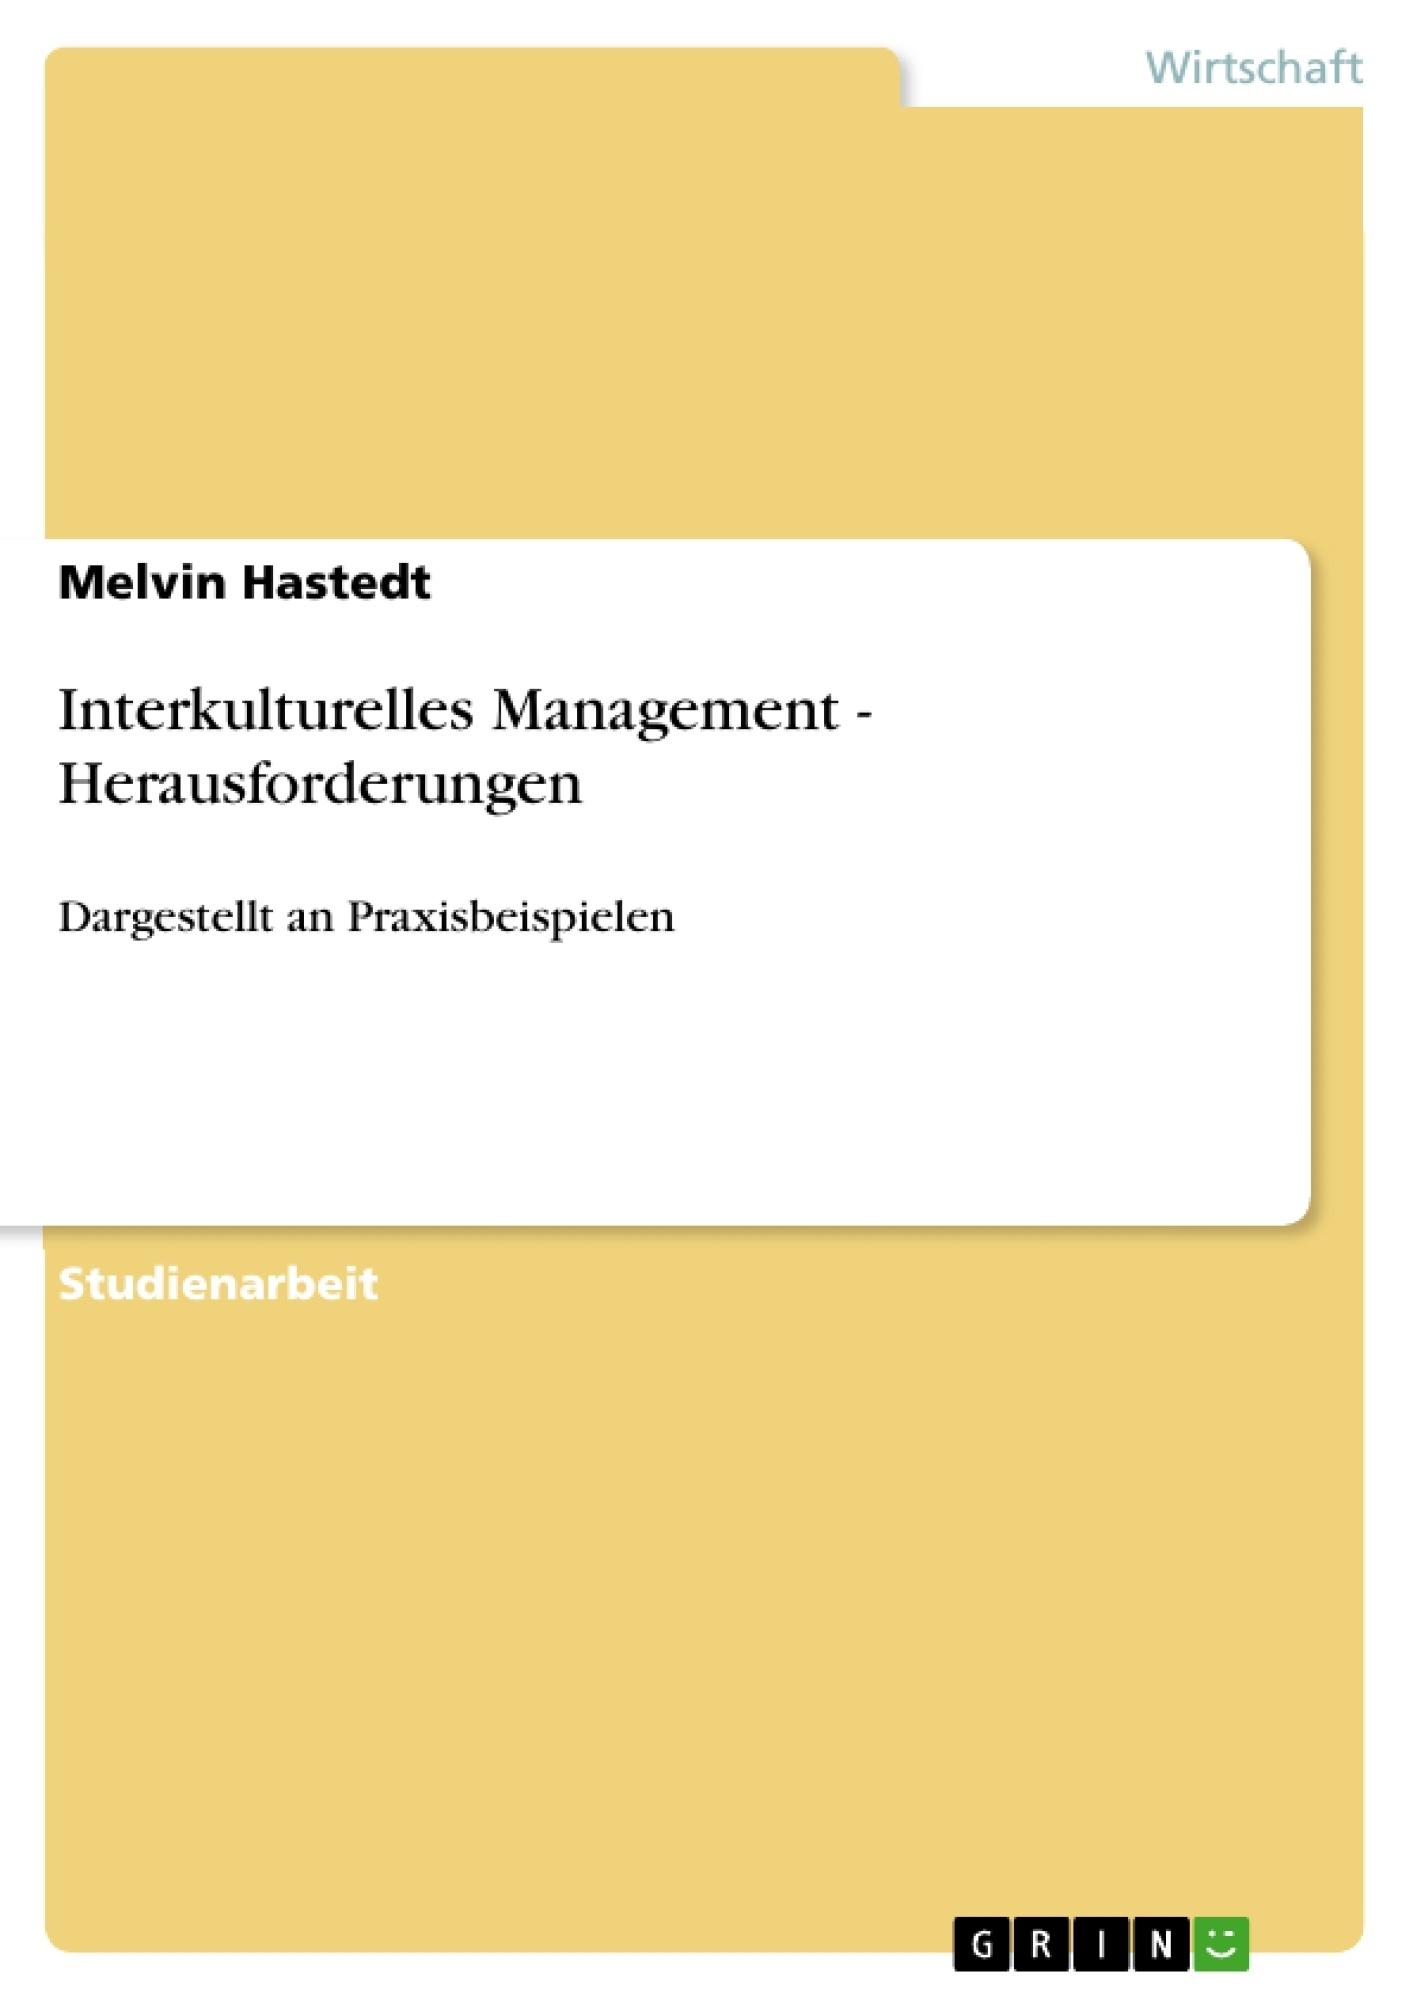 Titel: Interkulturelles Management  - Herausforderungen